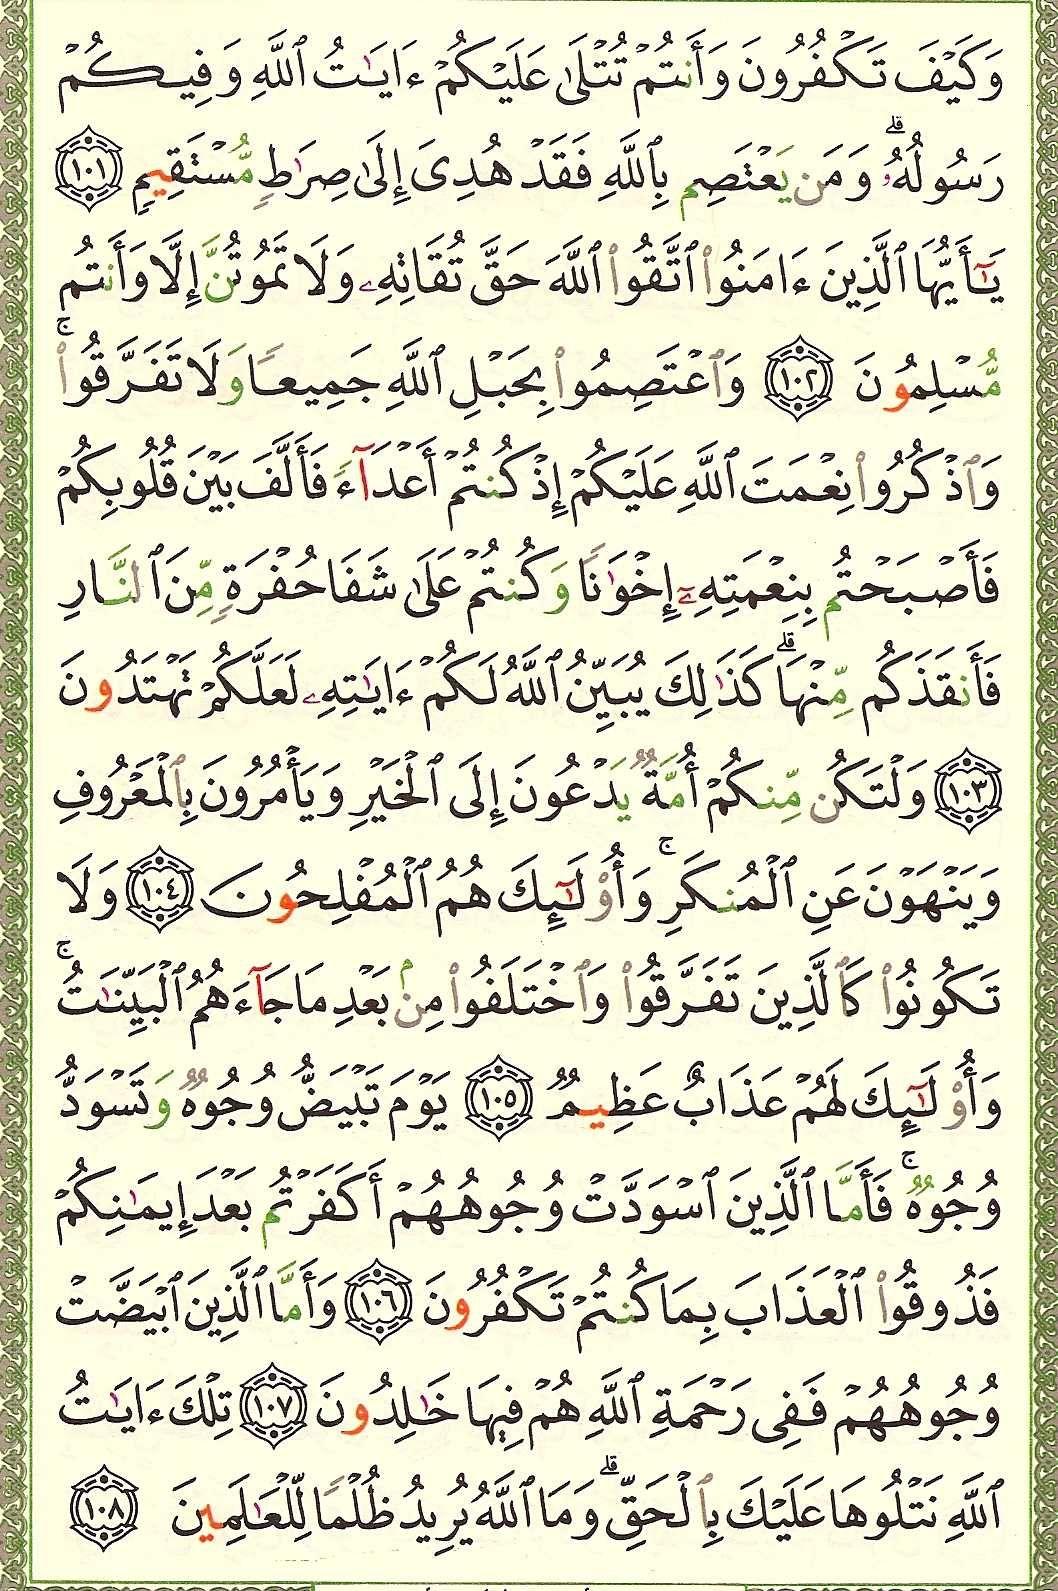 3. سورة آل عمران - Al-Imran مصورة من المصحف الشريف 063